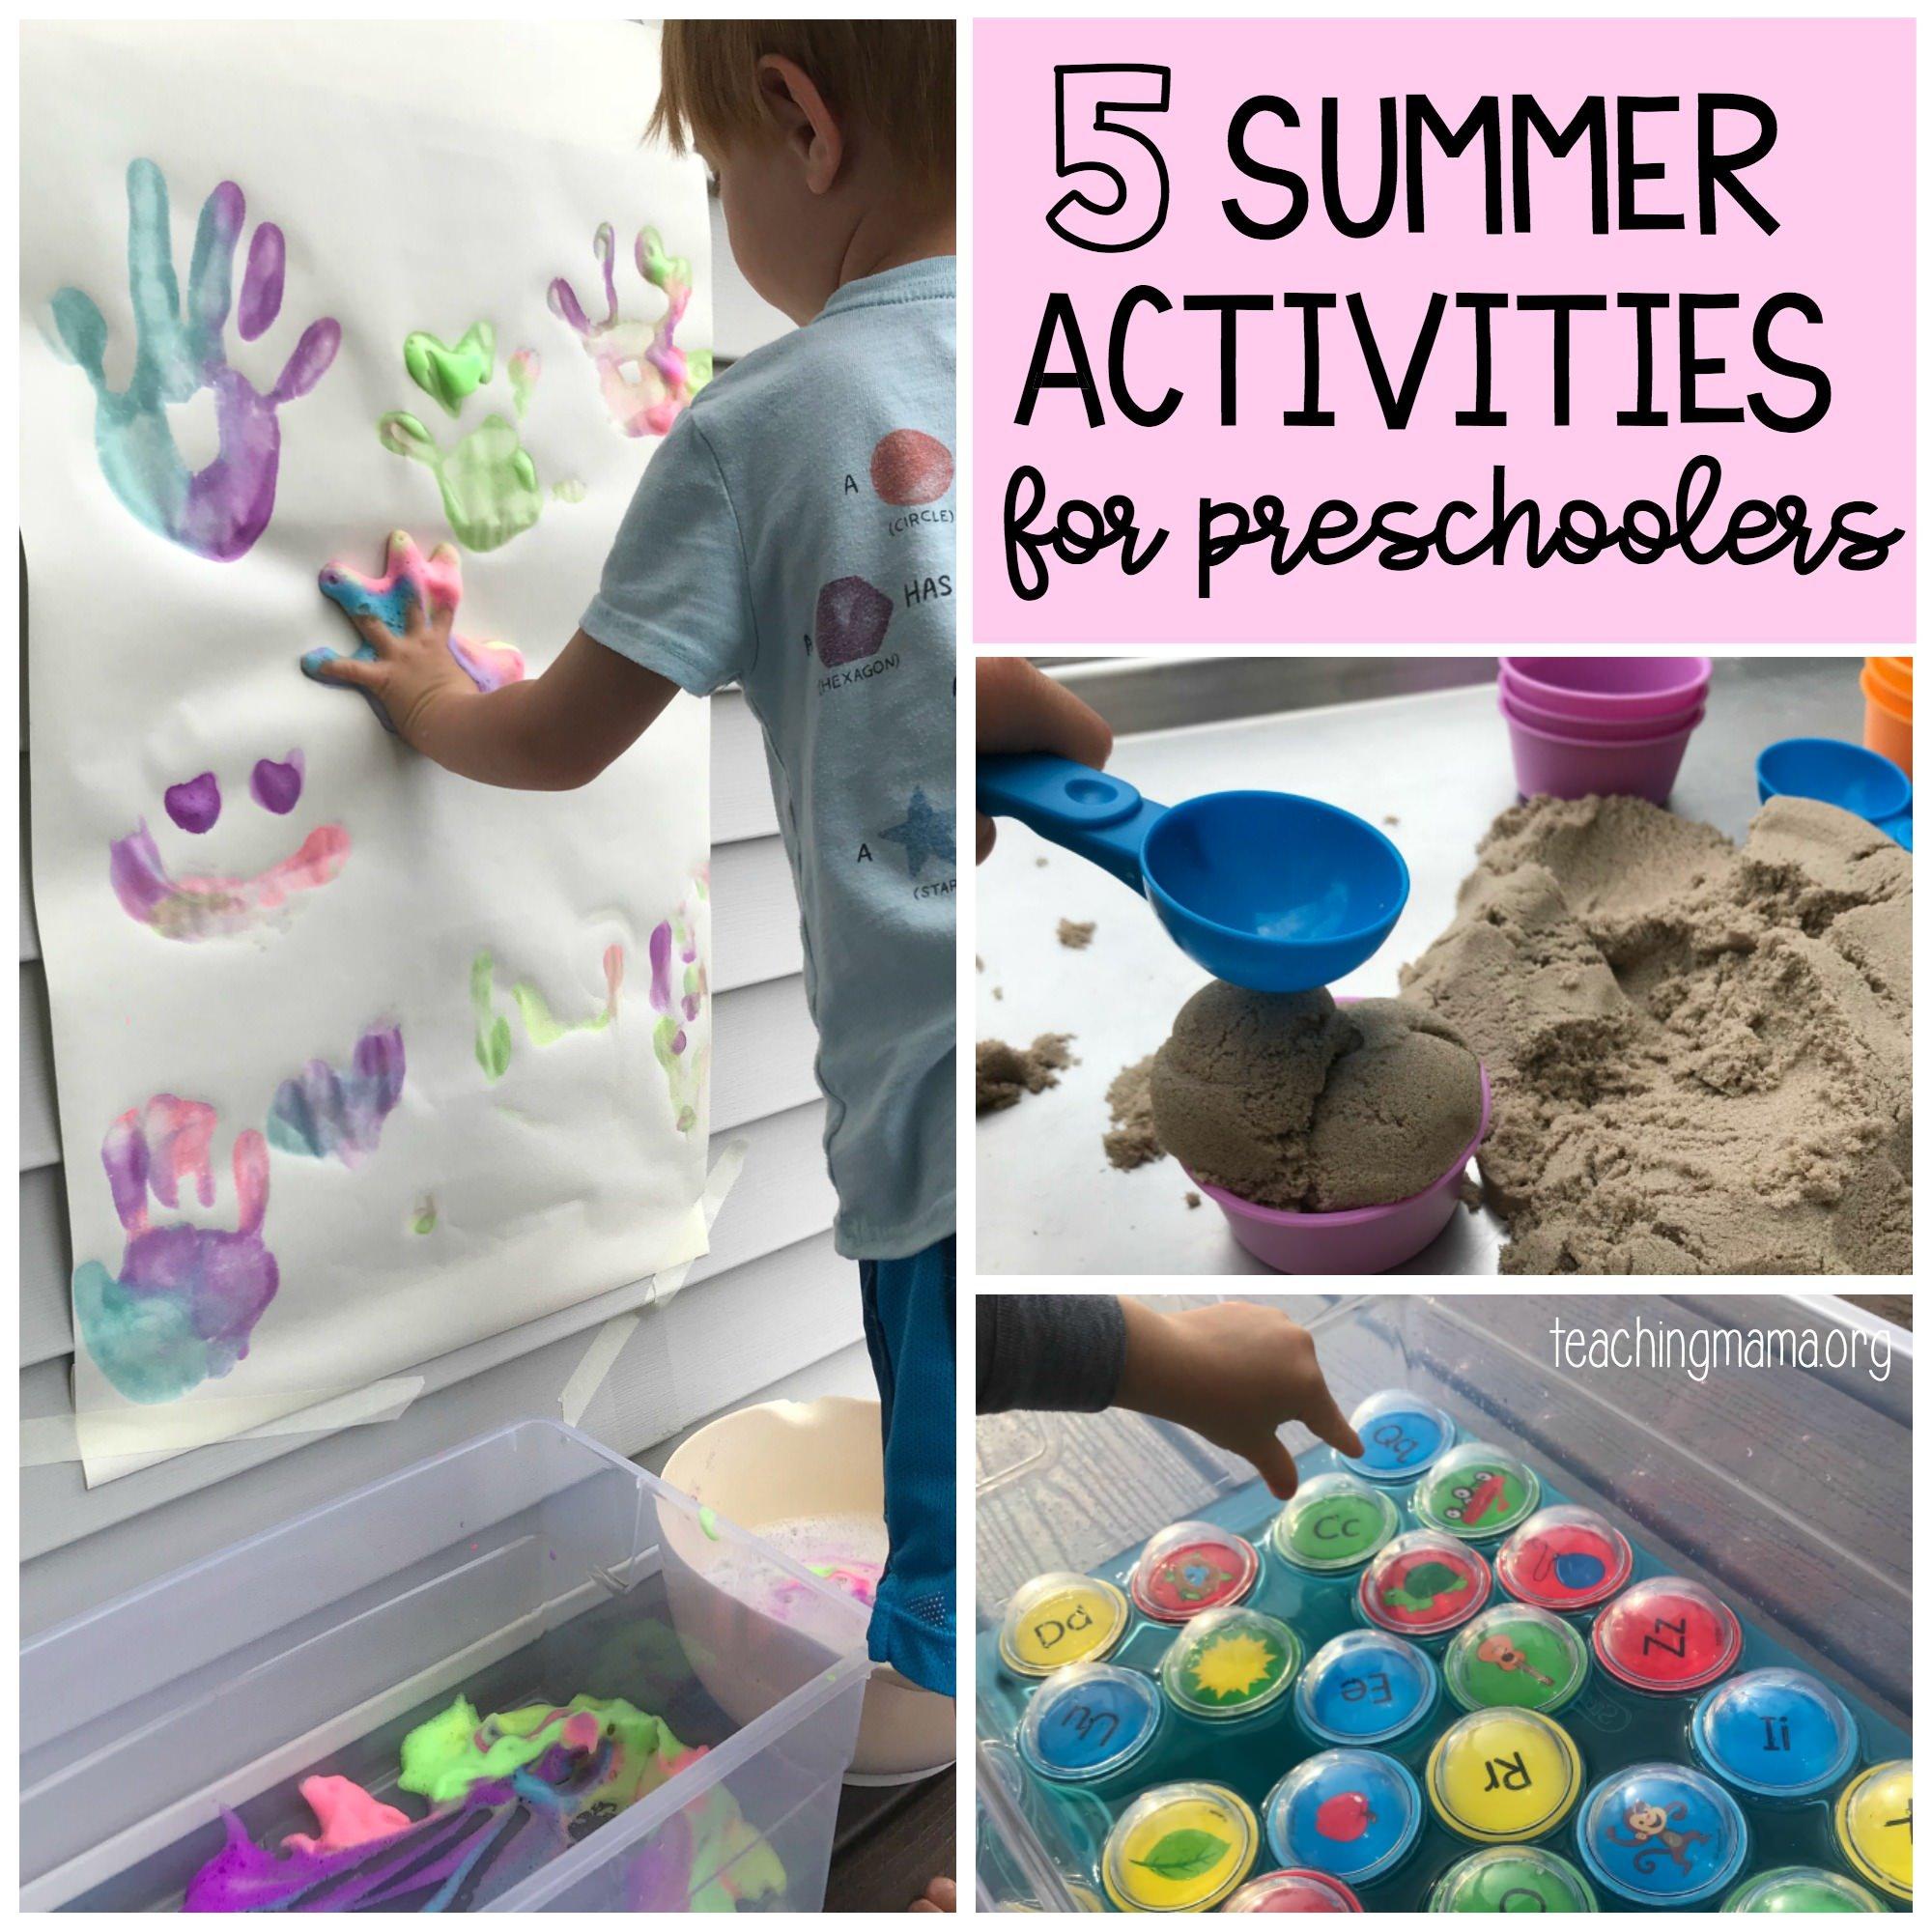 5 Summer Activities For Preschoolers